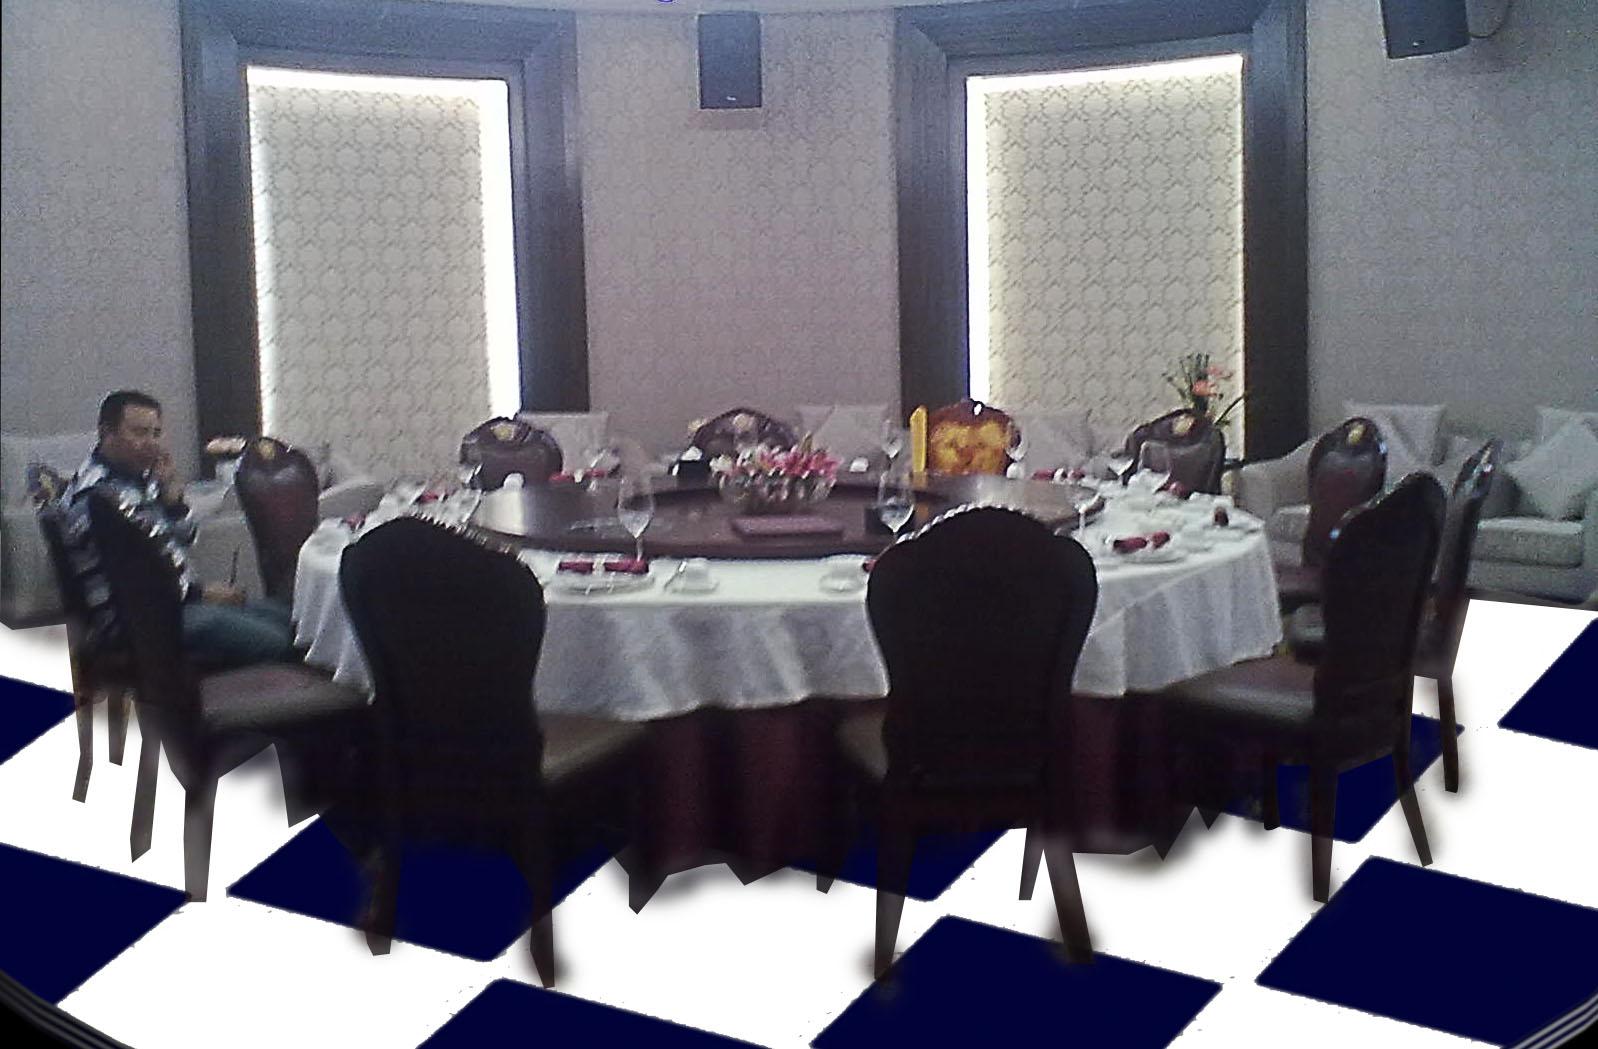 某酒店餐饮包房室内地面石材设计效果图 220元 K68威客任务